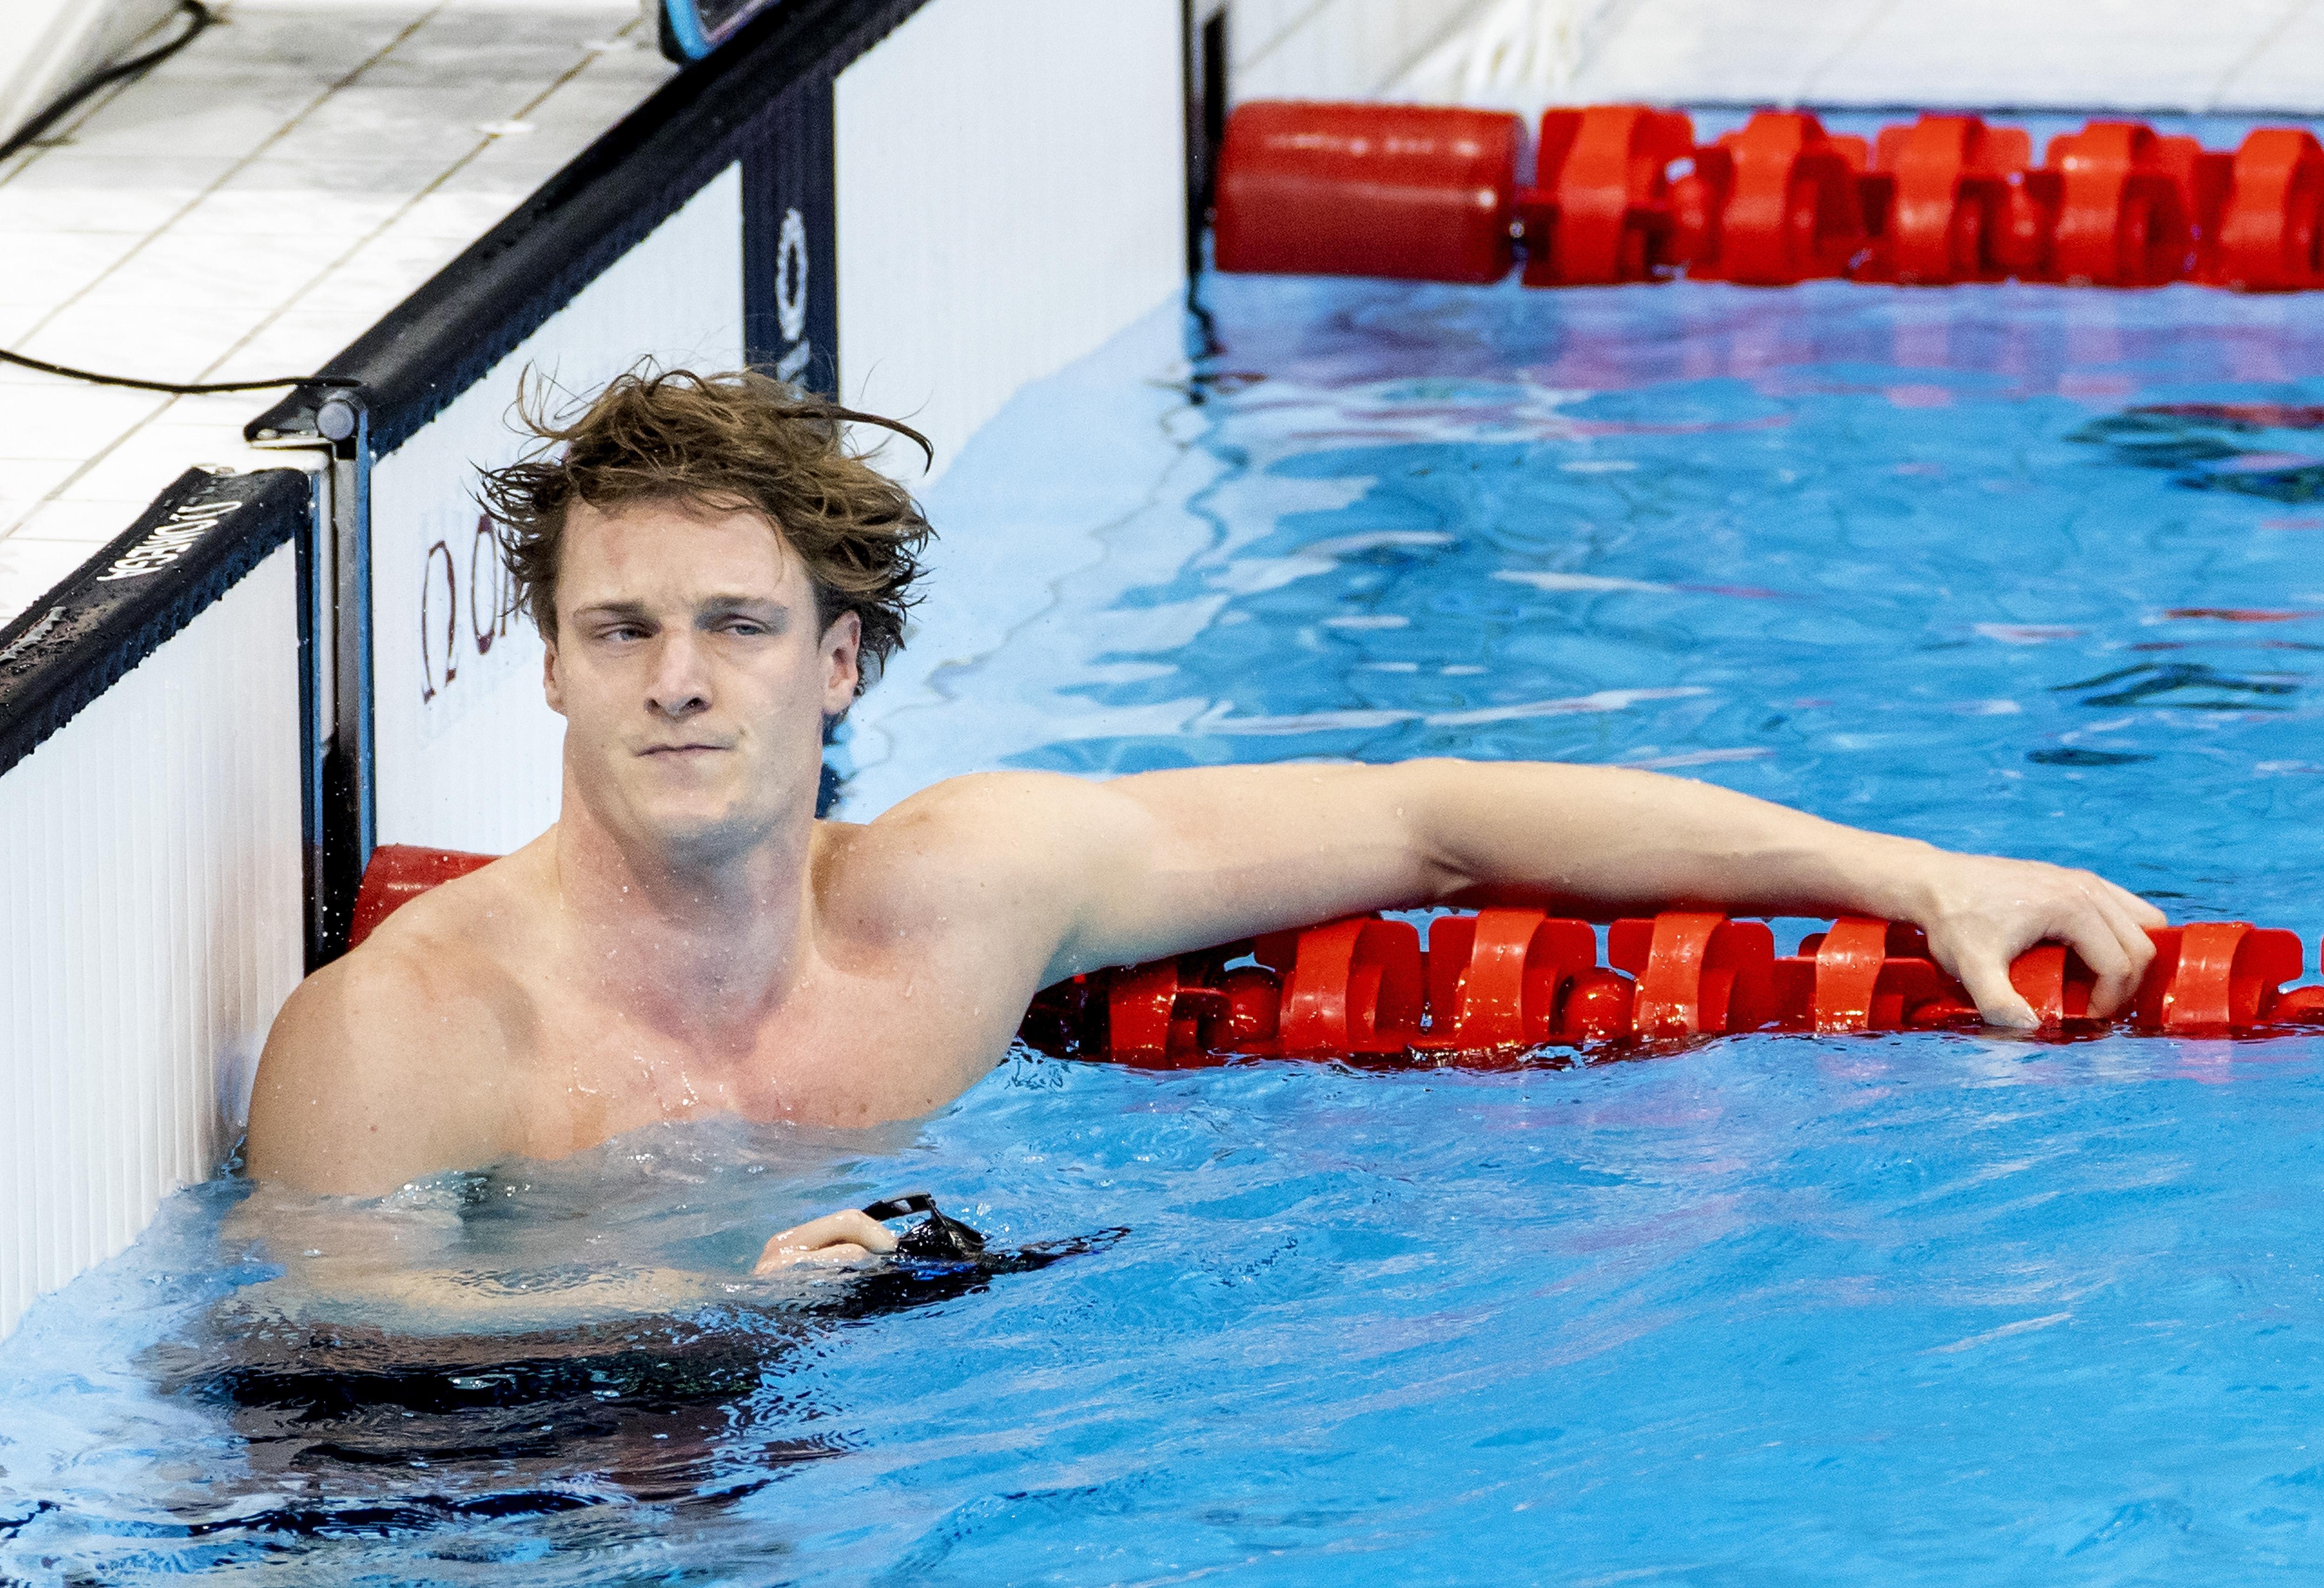 Alkmaarder De Boer laatste in olympische finale 50 vrij, goud voor Dressel